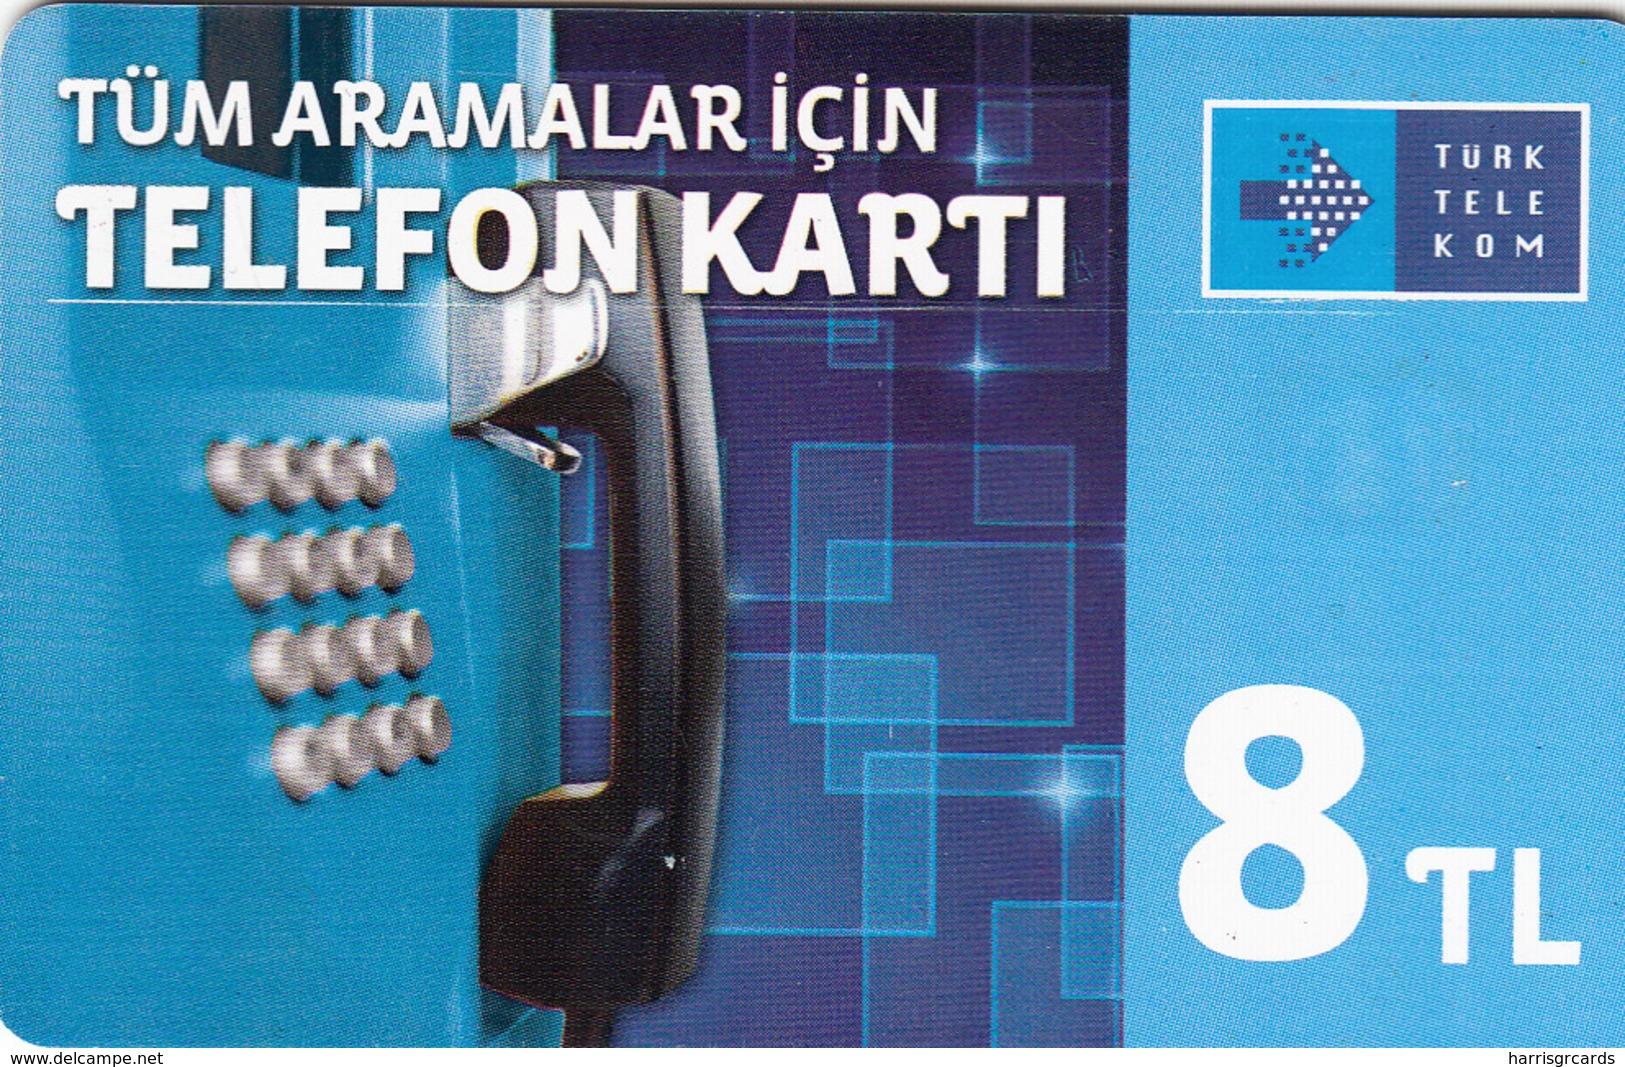 TURKEY - Tüm Aramalar İçin Arama Kartı , Temmuz 2015, Gemplus - GEM5 (Red) , 8 ₤ - Turkish Lira ,02/13, Used - Turquie